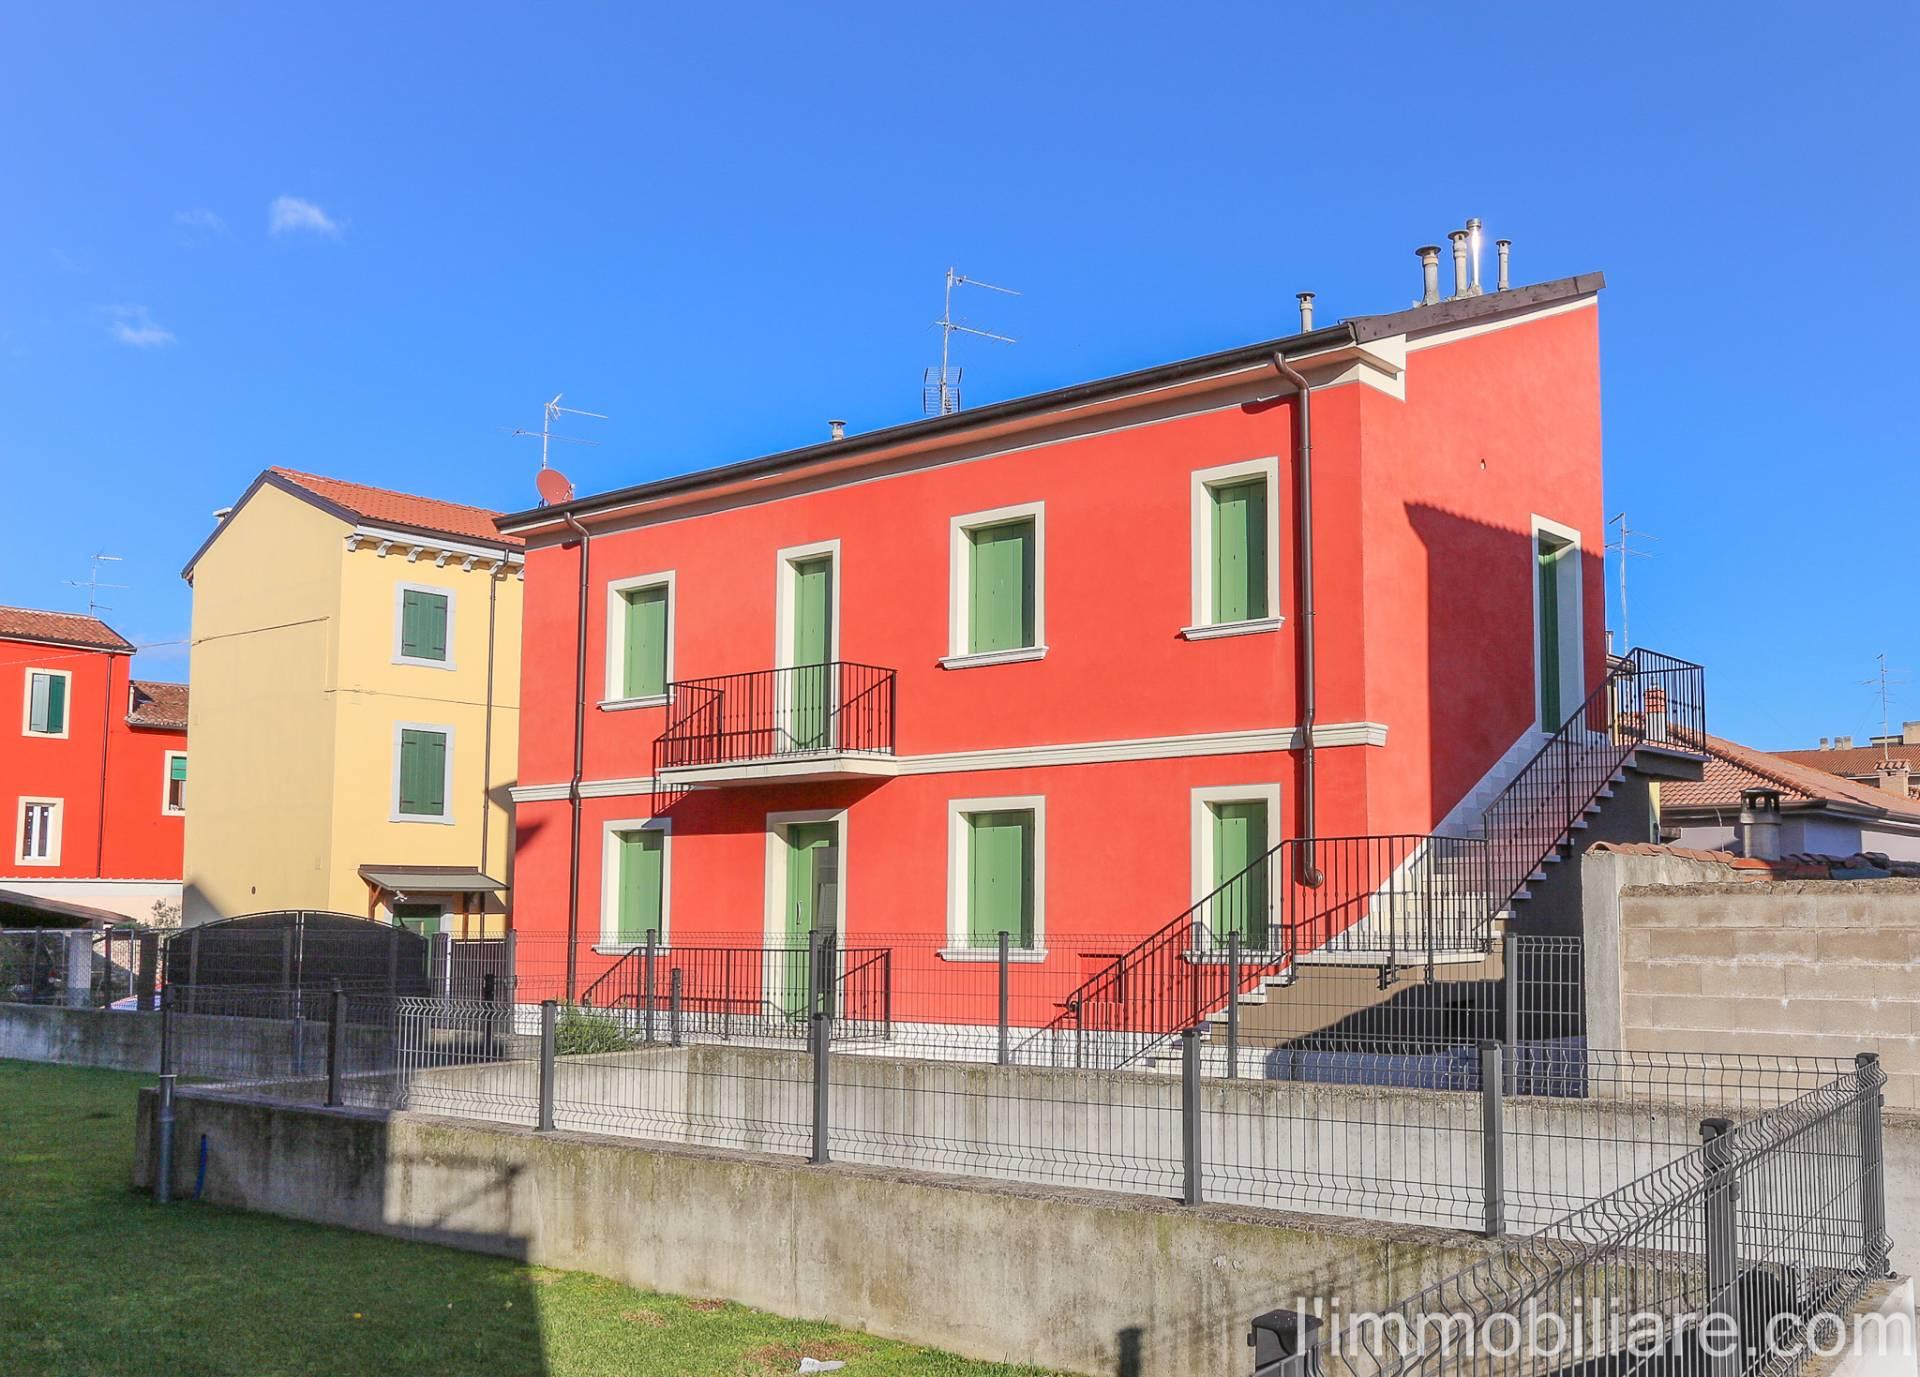 Soluzione Indipendente in vendita a Verona, 5 locali, zona Località: CroceBianca, prezzo € 228.000 | Cambio Casa.it